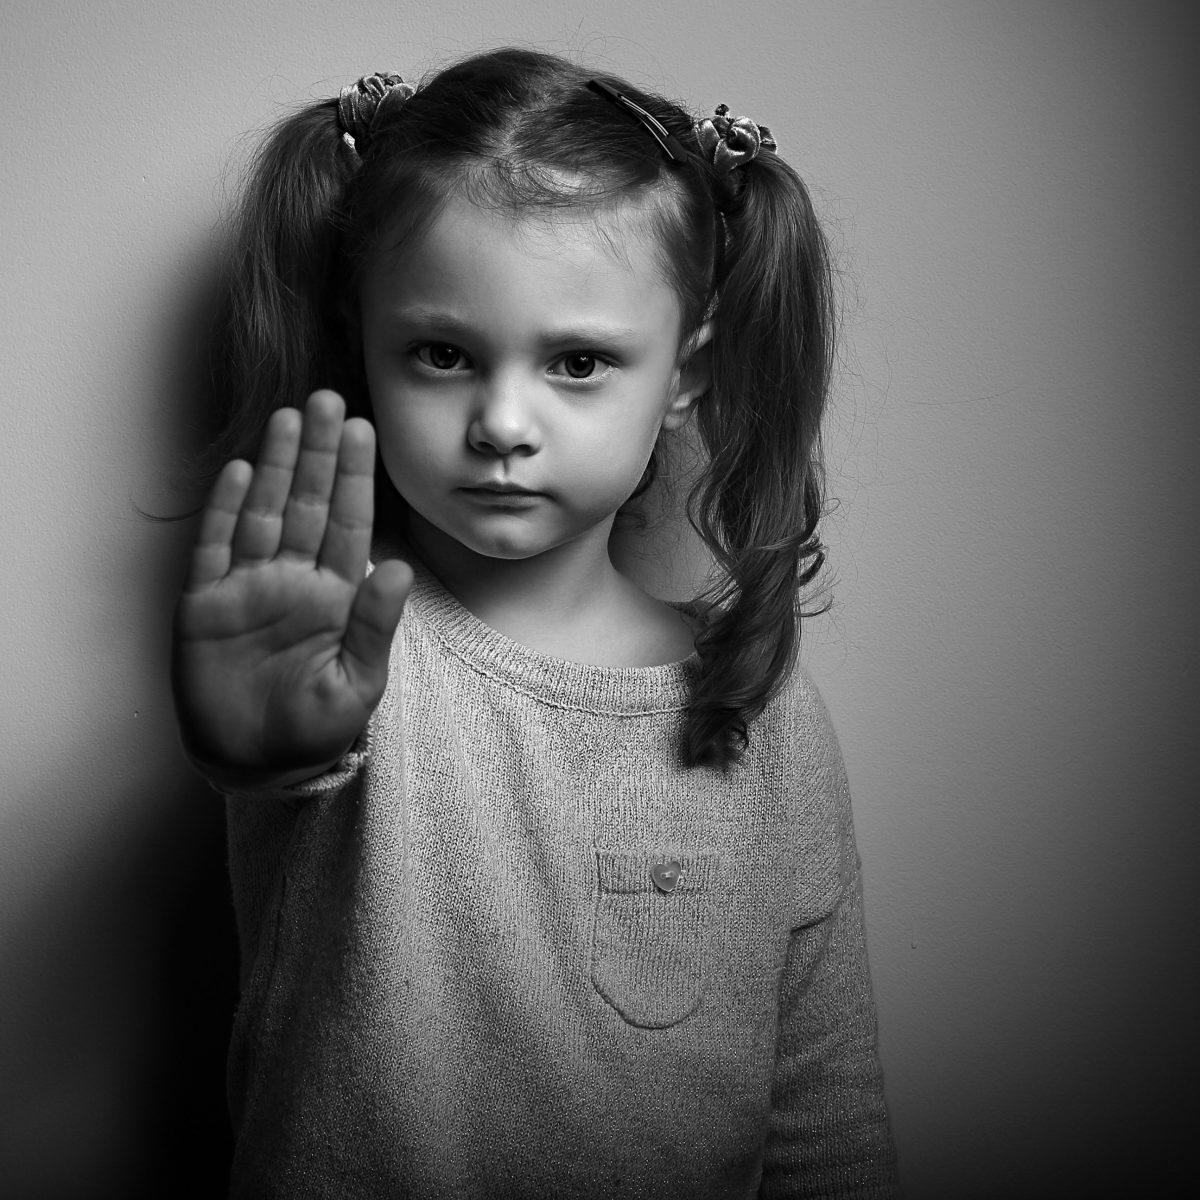 Έρευνα του Γ.Γ ΟΗΕ αποκαλύπτει την πλήρη έκταση του φαινομένου της βίας κατά των παιδιών